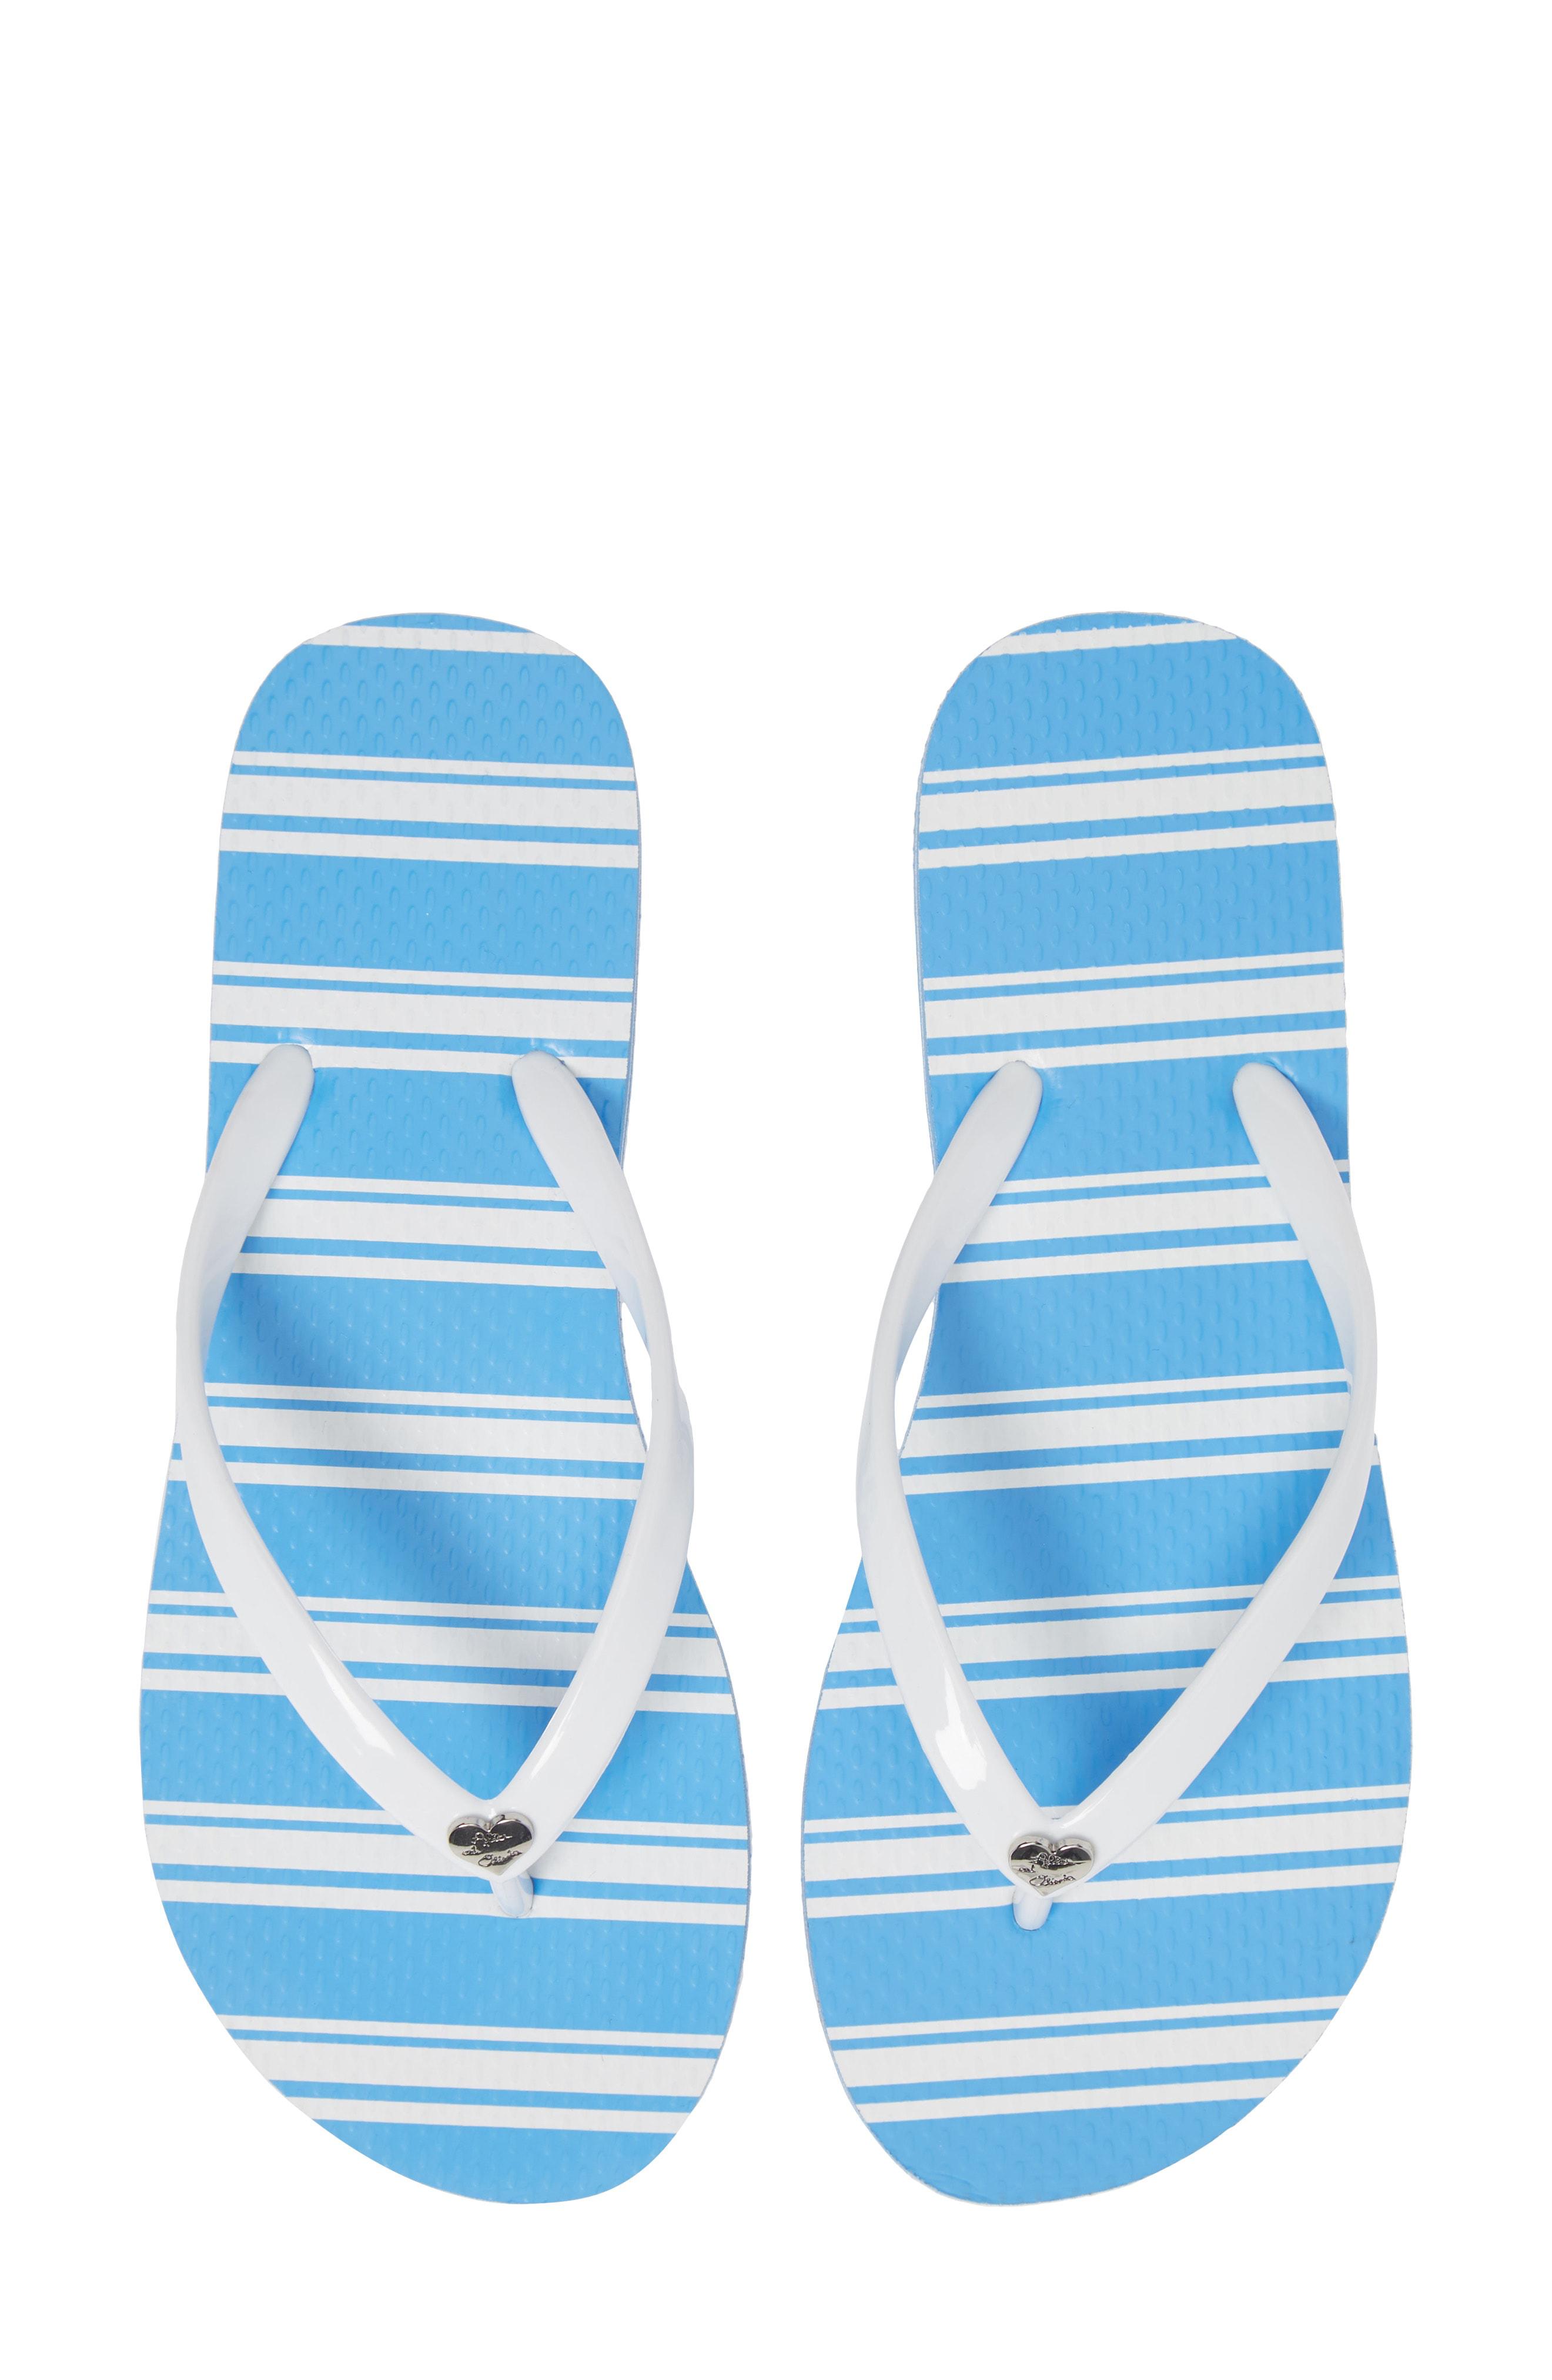 7b5028681dfe Alice And Olivia Eva Striped Flip-Flops In White